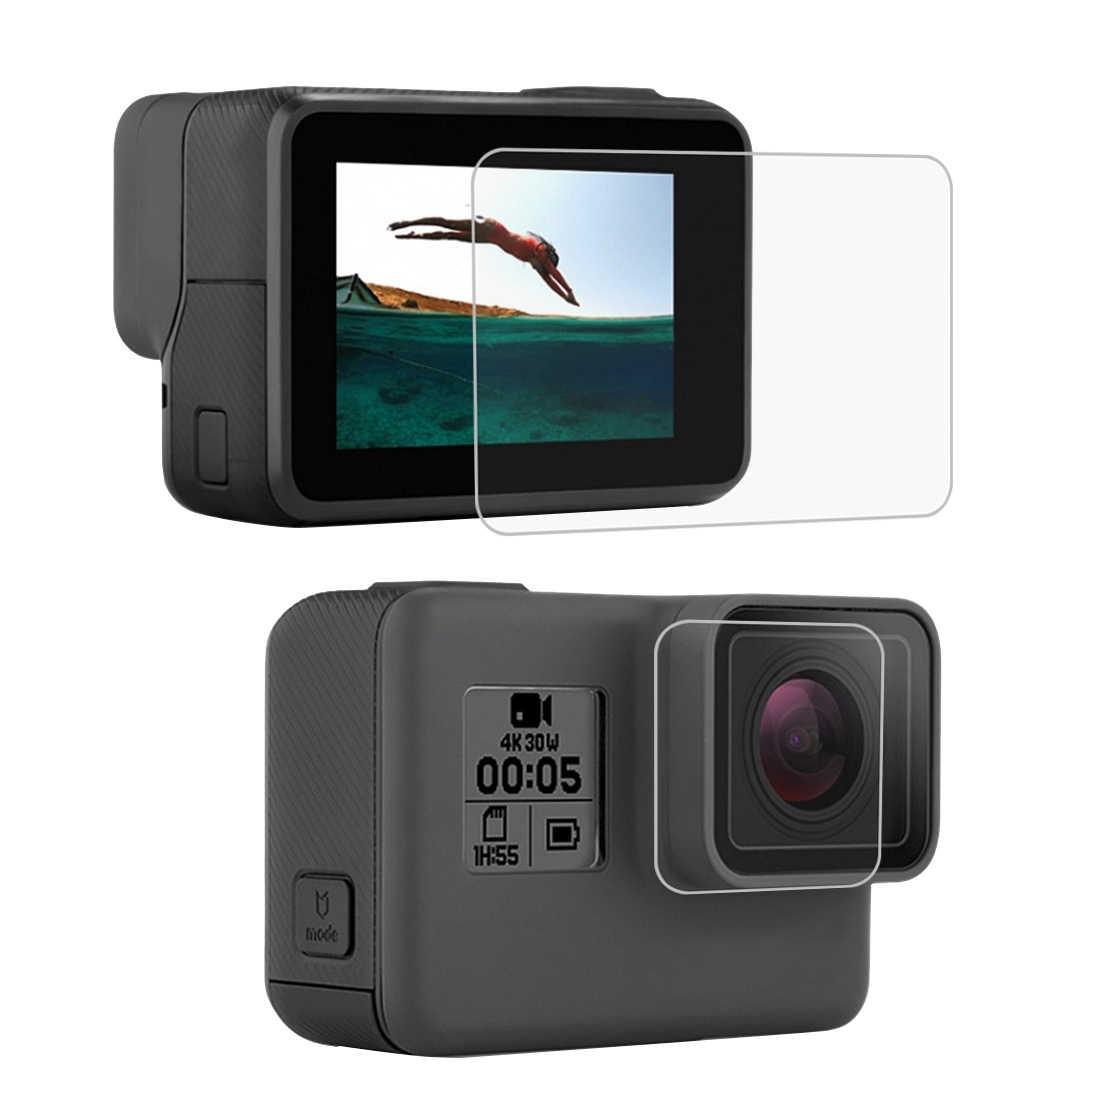 خفف من الزجاج حامي غطاء حالة ل Gopro بطل 5 6 7 عمل كاميرا اكسسوارات حامي الشاشة خفف مع تنظيف القماش